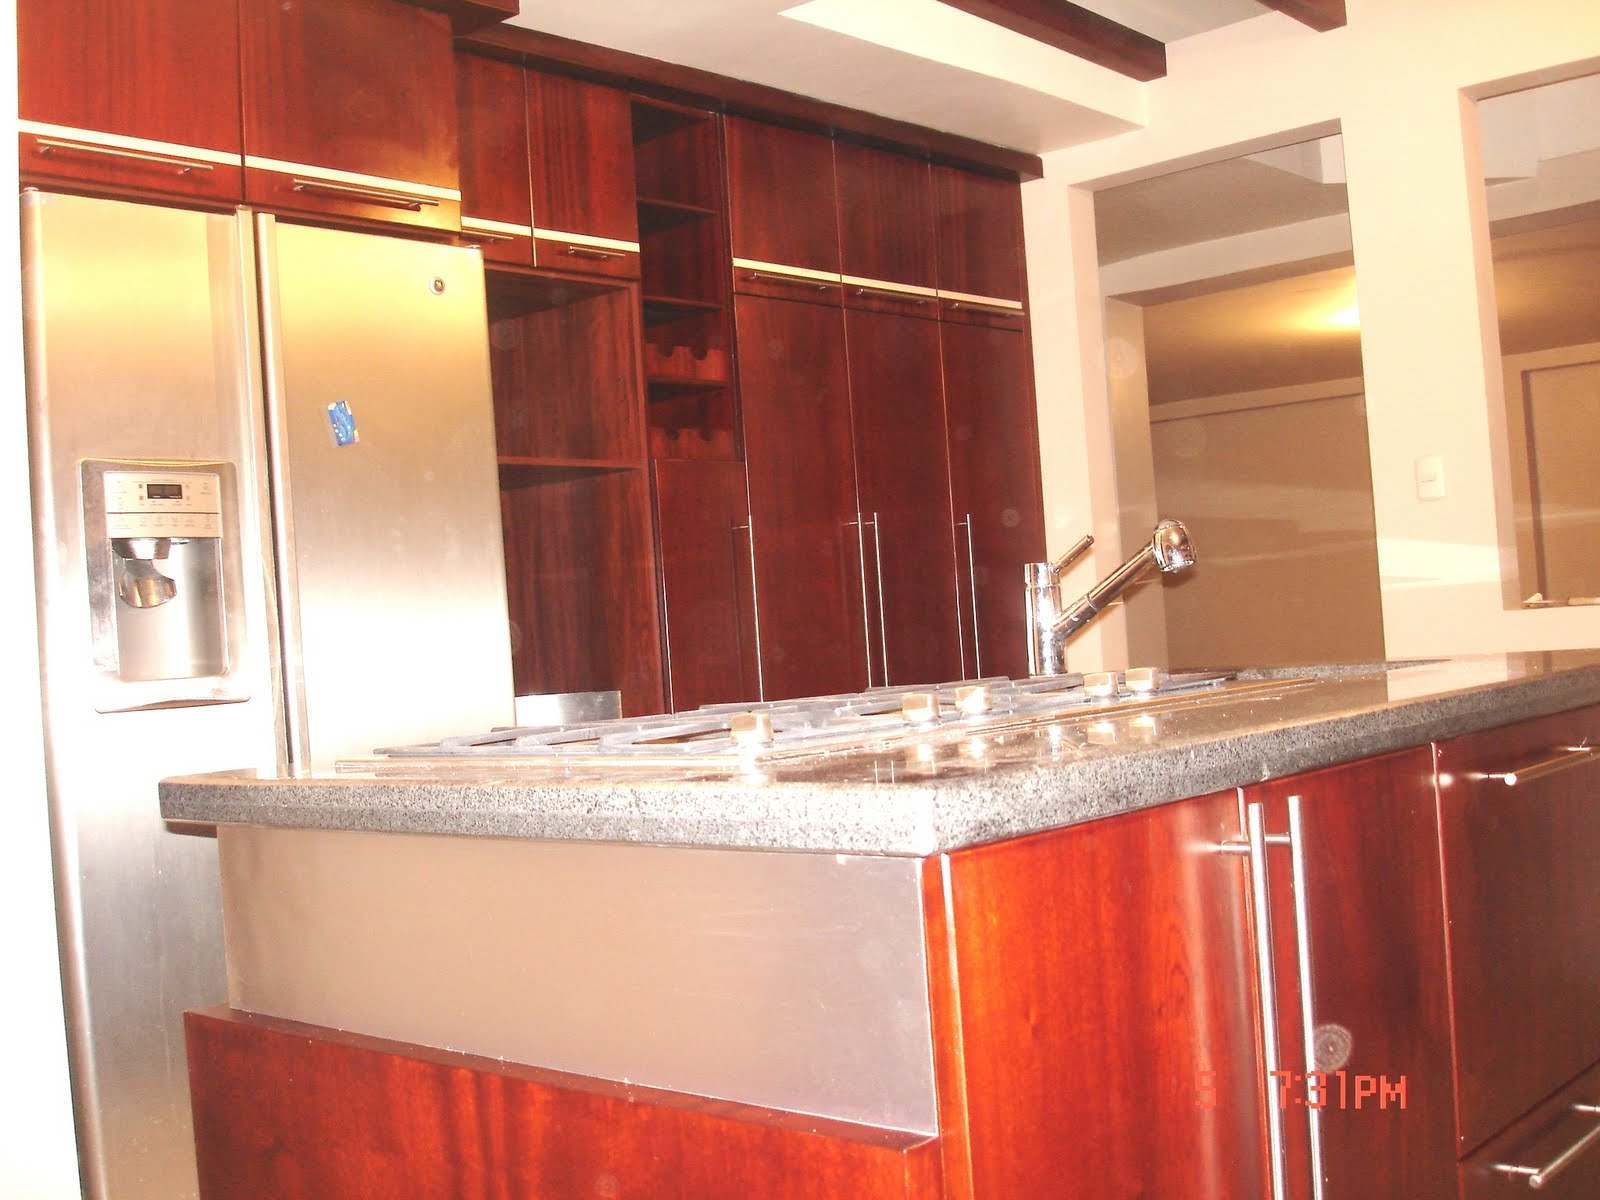 Ideatumobiliario muebles de cocina for Cocinas de casas modernas